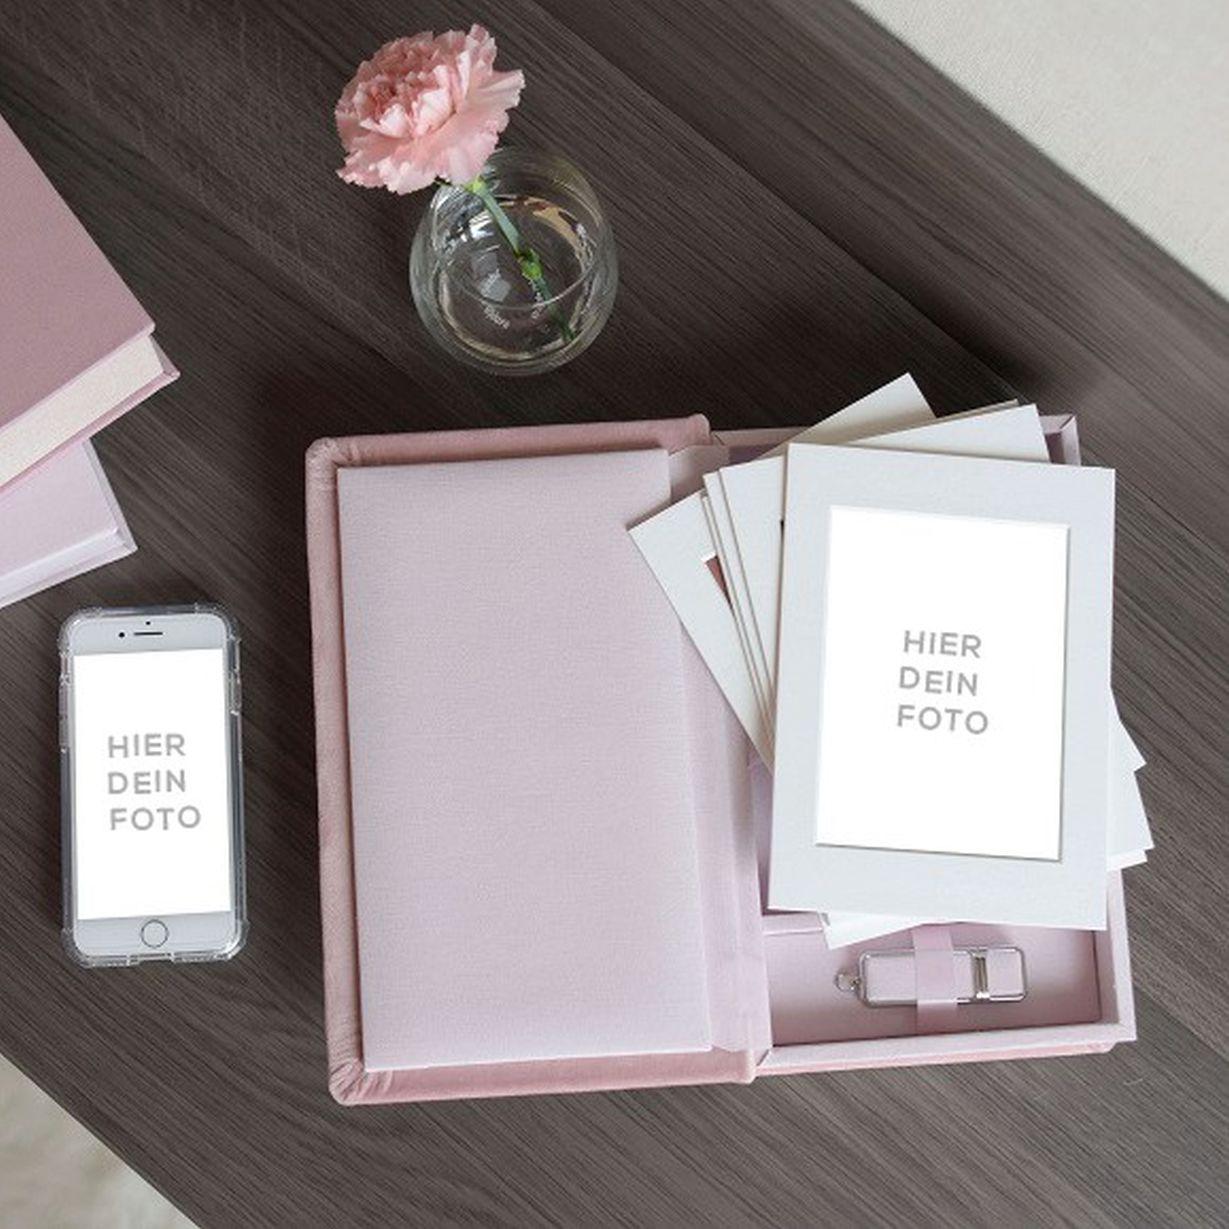 Mockup für Passepartout Box